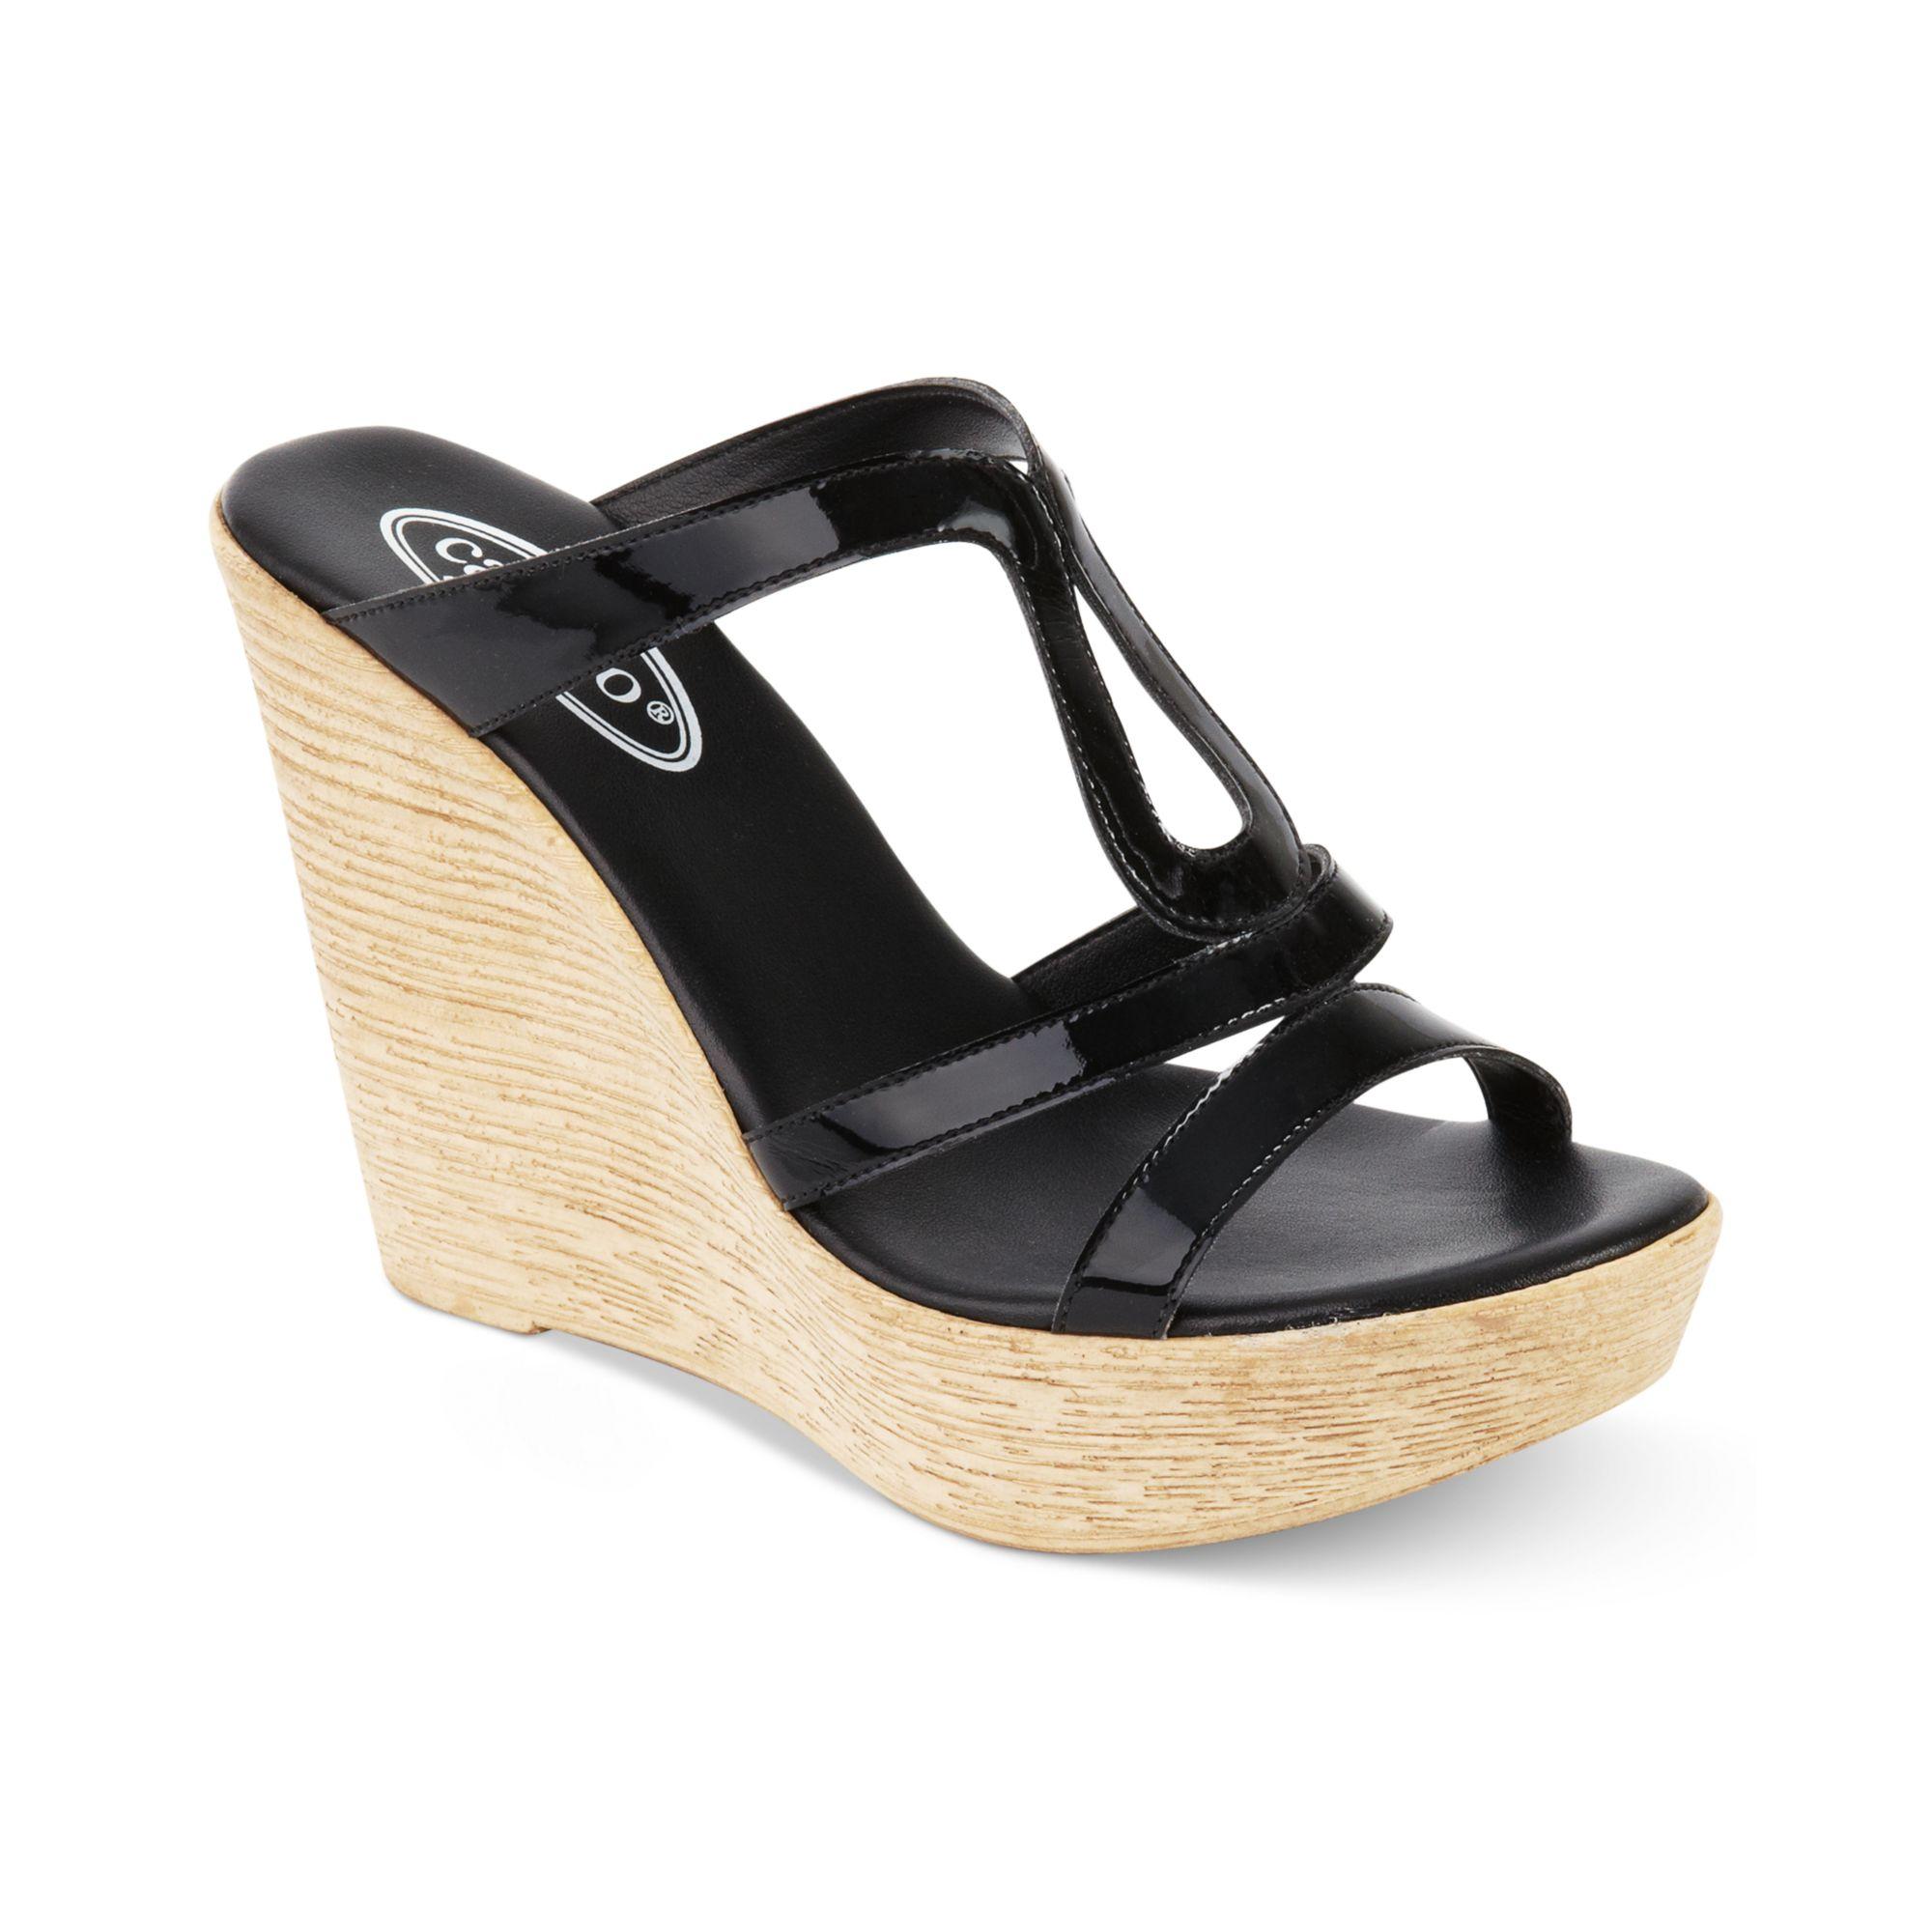 Callisto Classy Platform Wedge Sandals In Beige Black Lyst